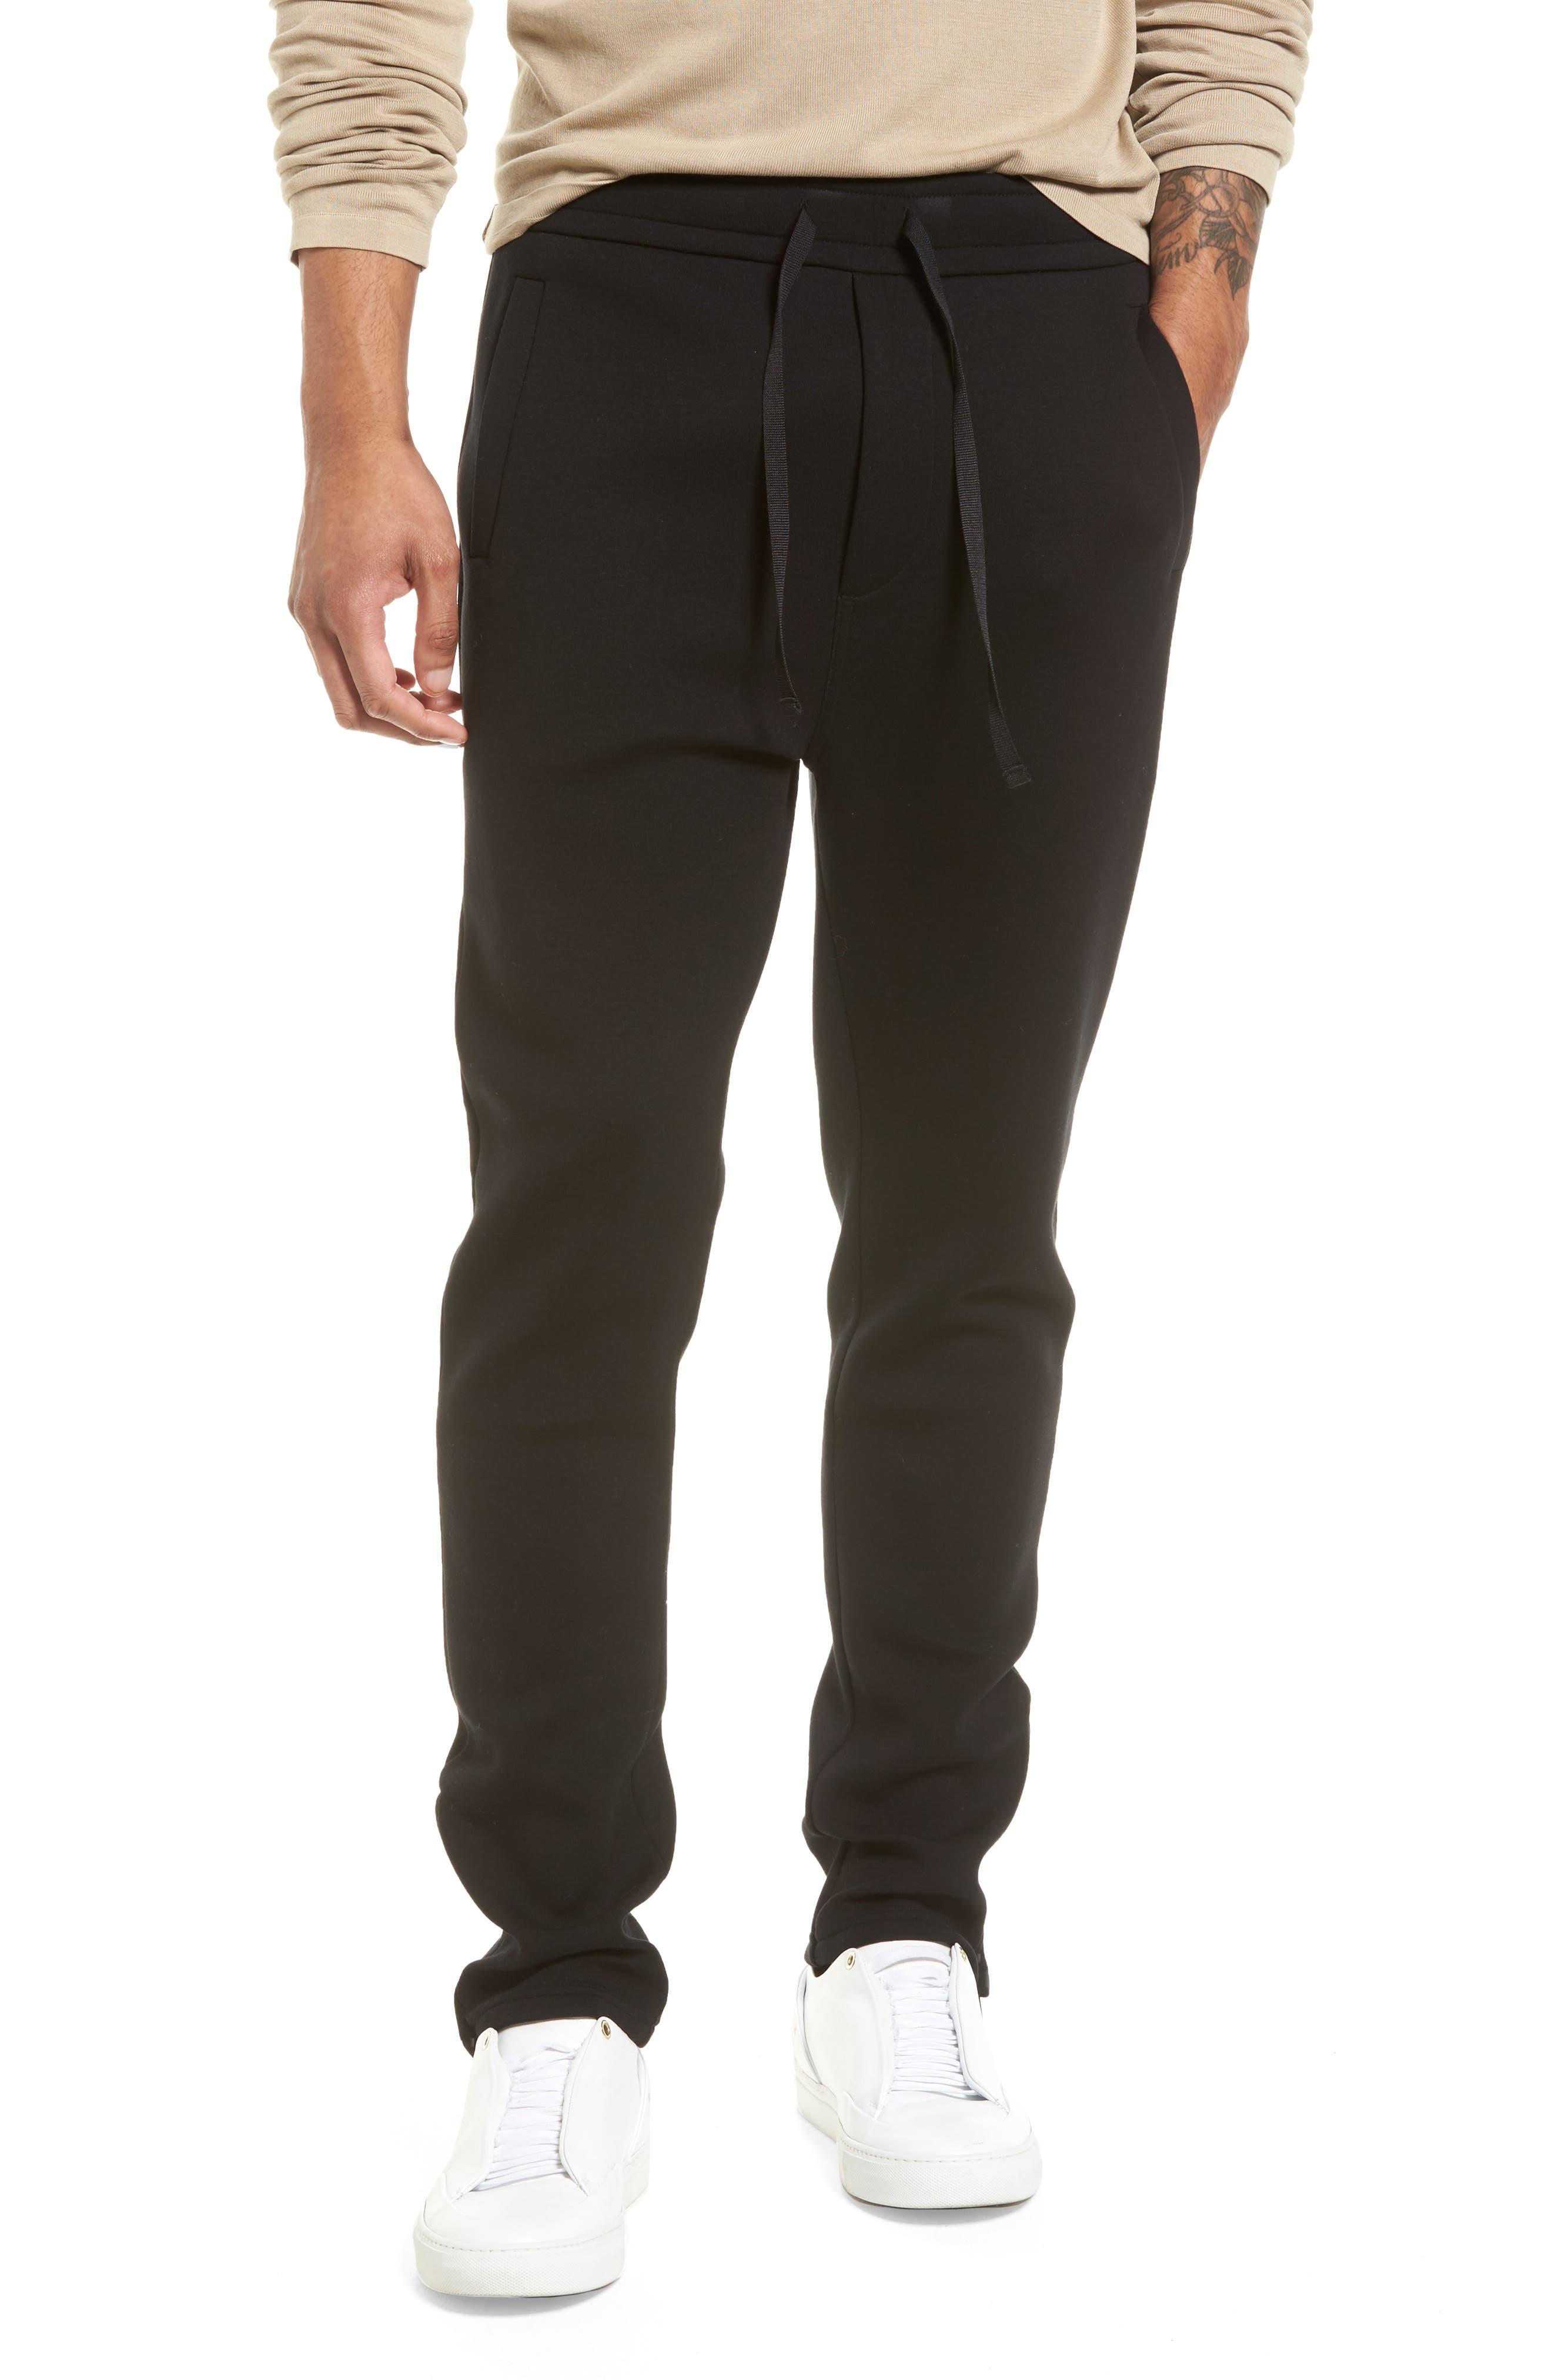 VINCE,                             Tech Slim Fit Track Pants,                             Main thumbnail 1, color,                             001